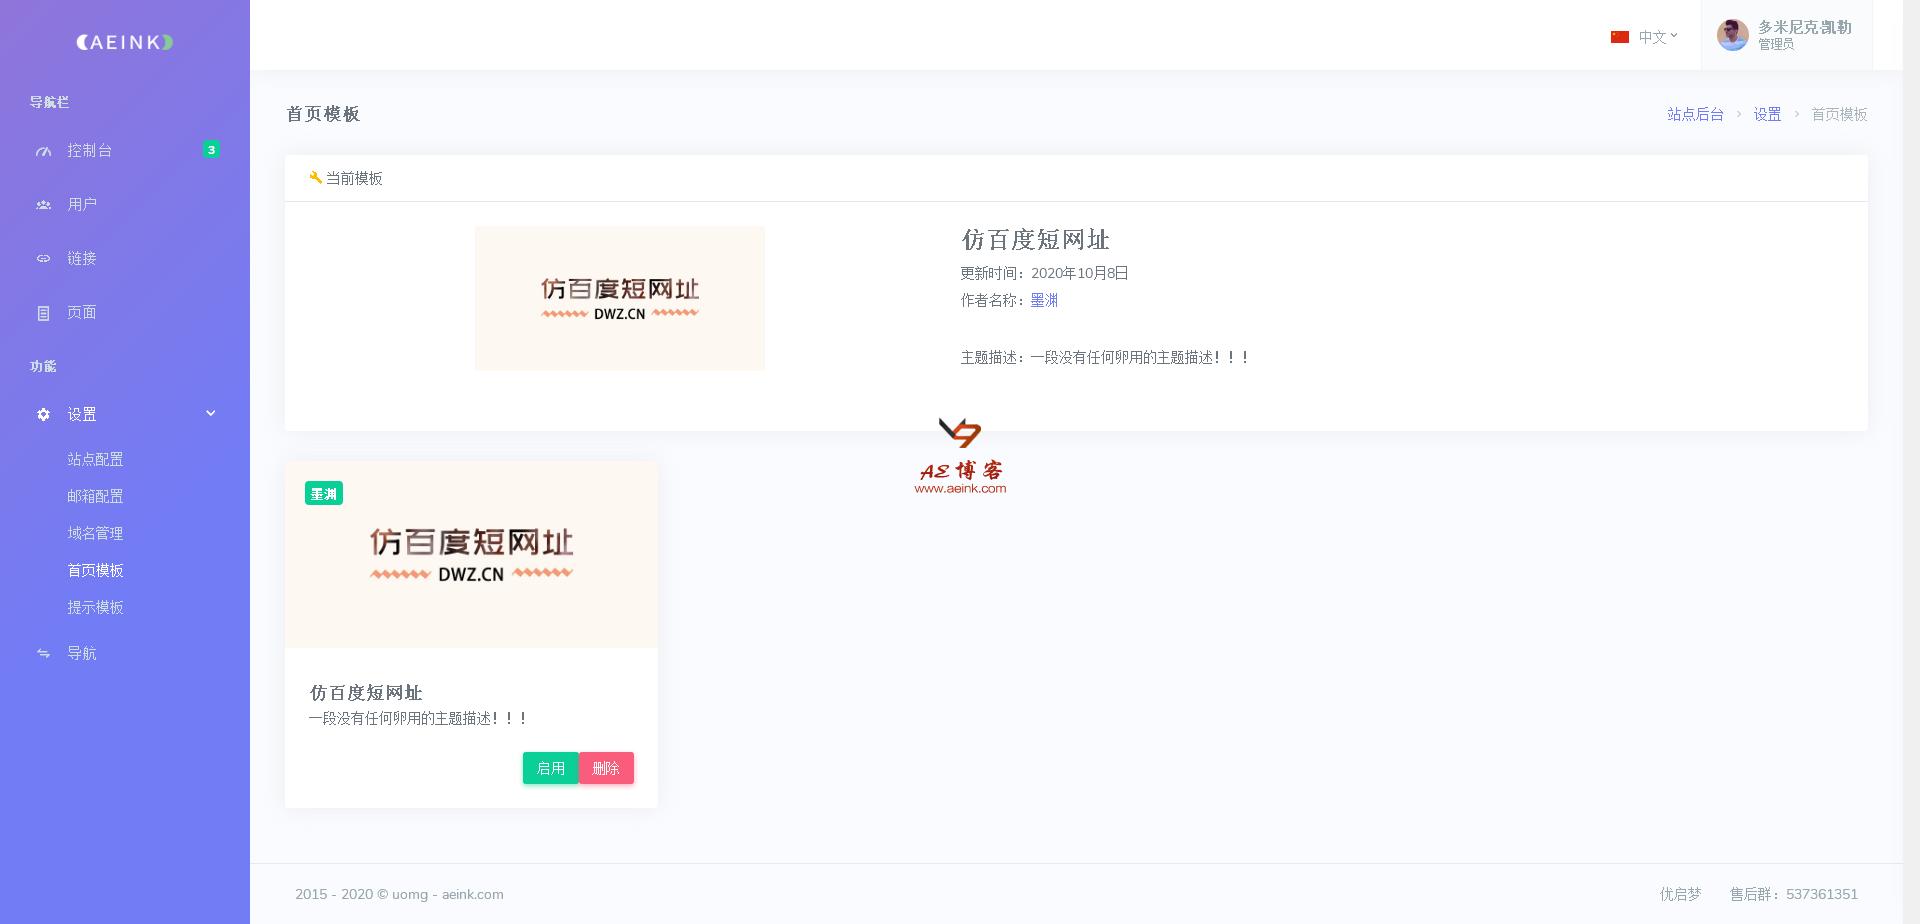 首页模板 - 优启梦定制平台.png